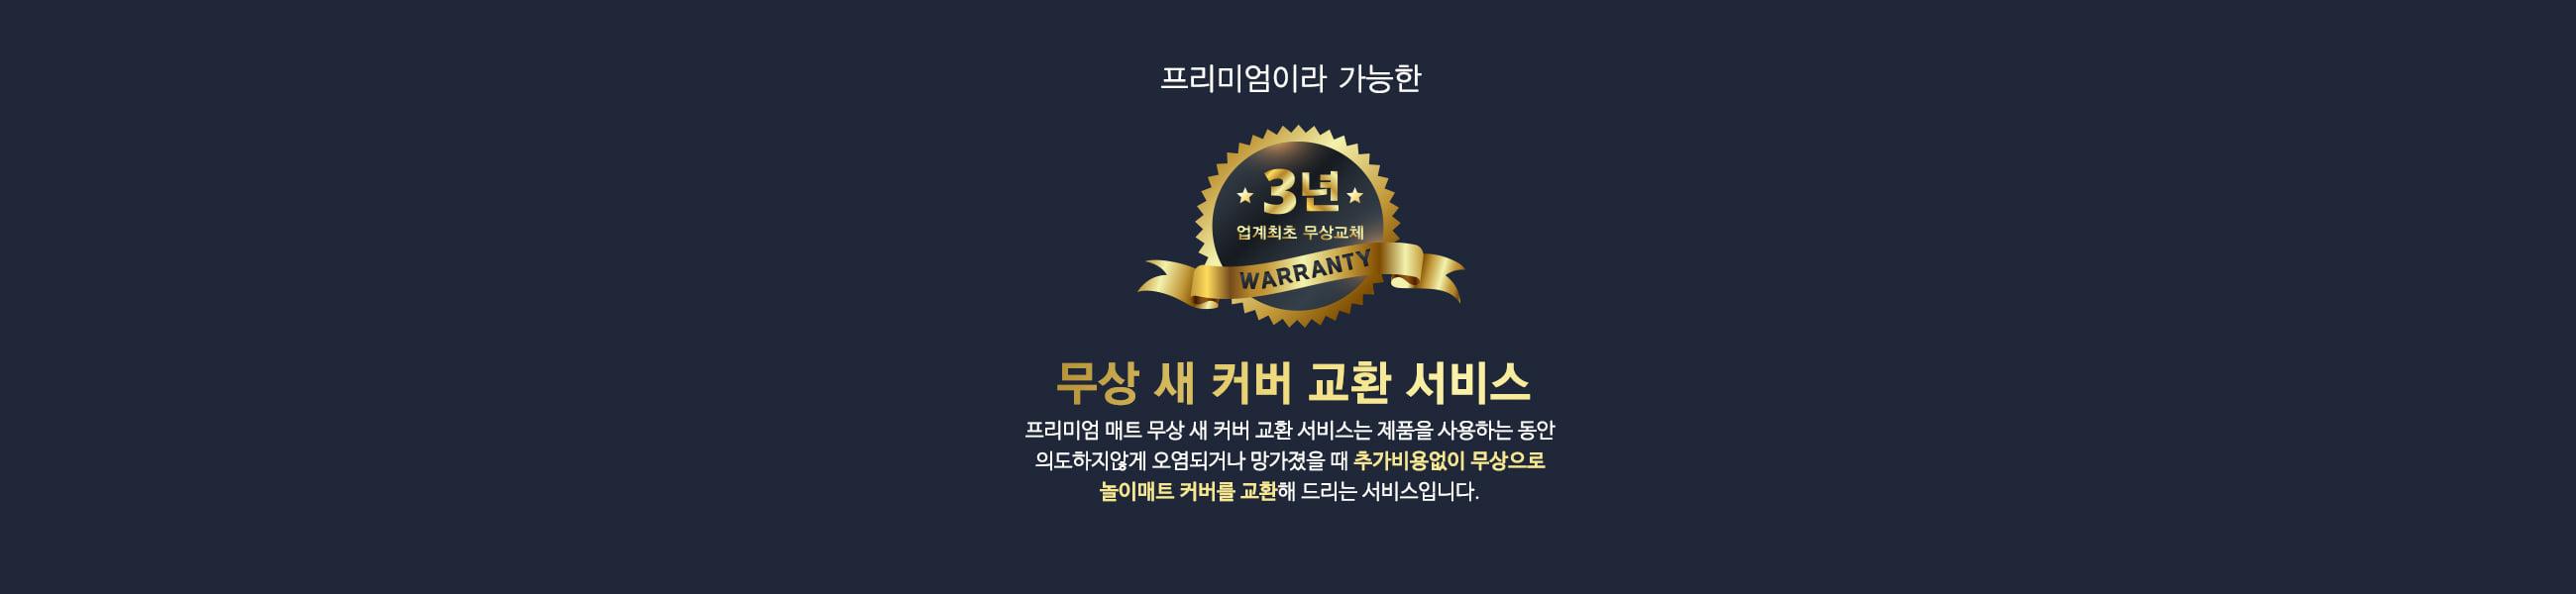 프리미엄 맞춤매트★새해 첫특가!